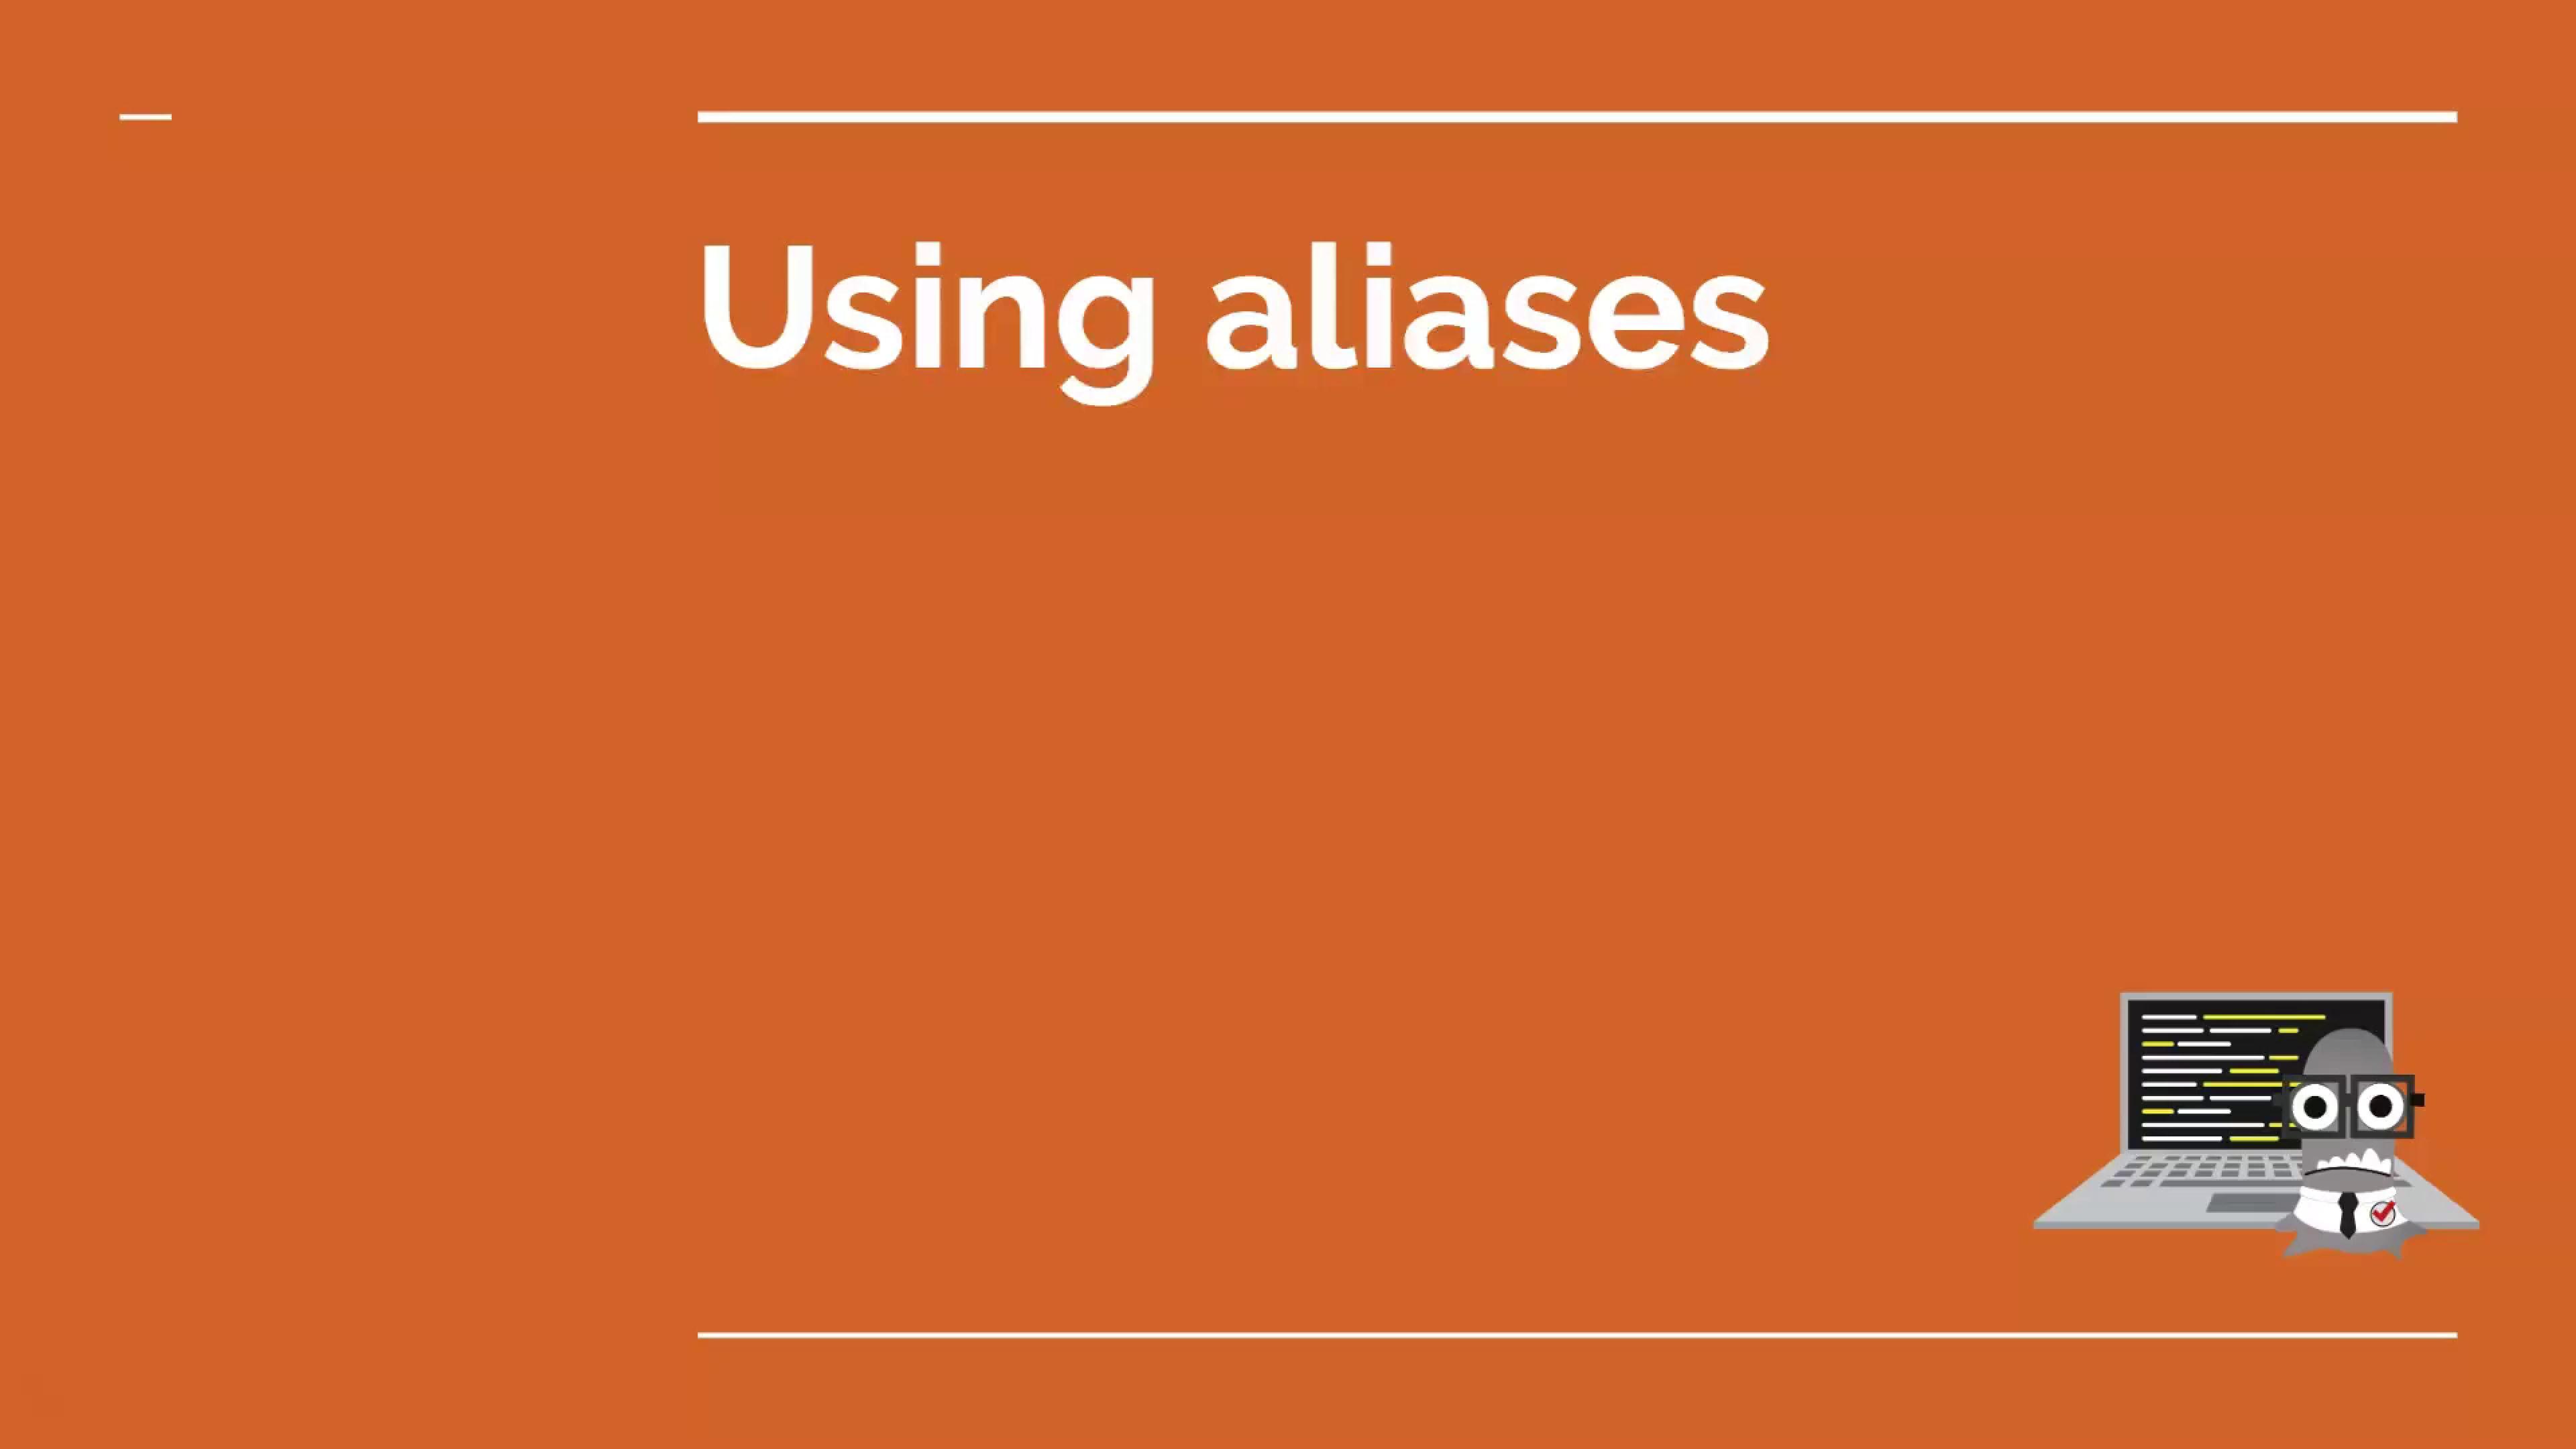 Using aliases